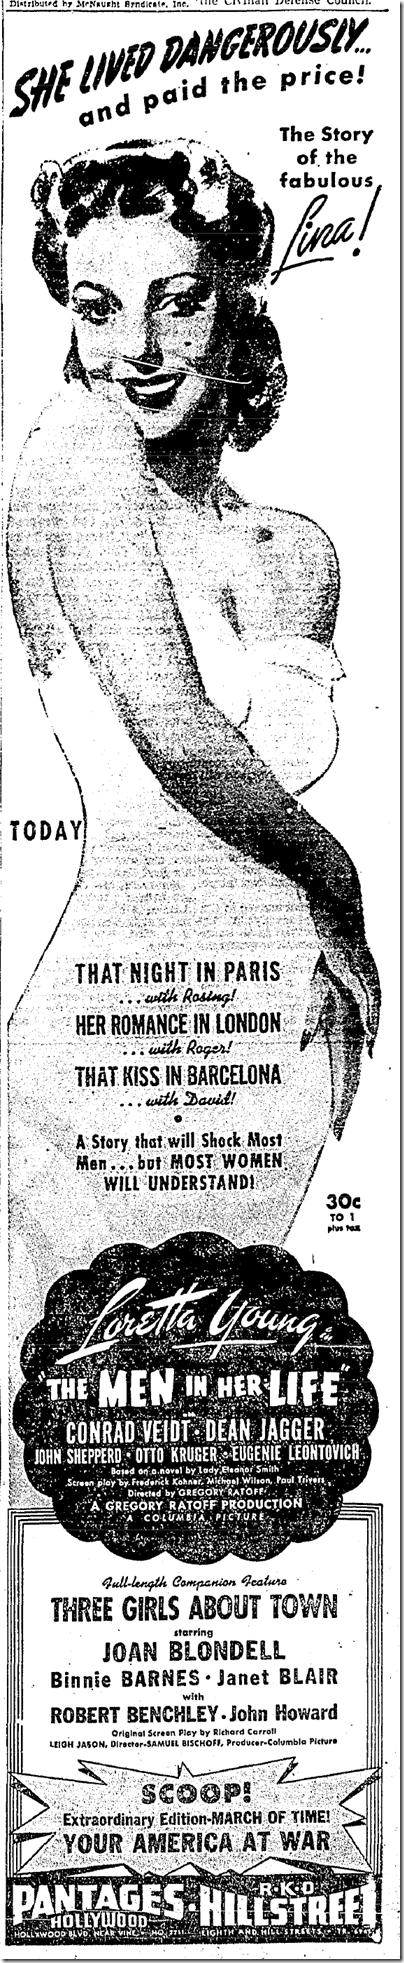 Dec. 17. 1941, The Men in Her Life